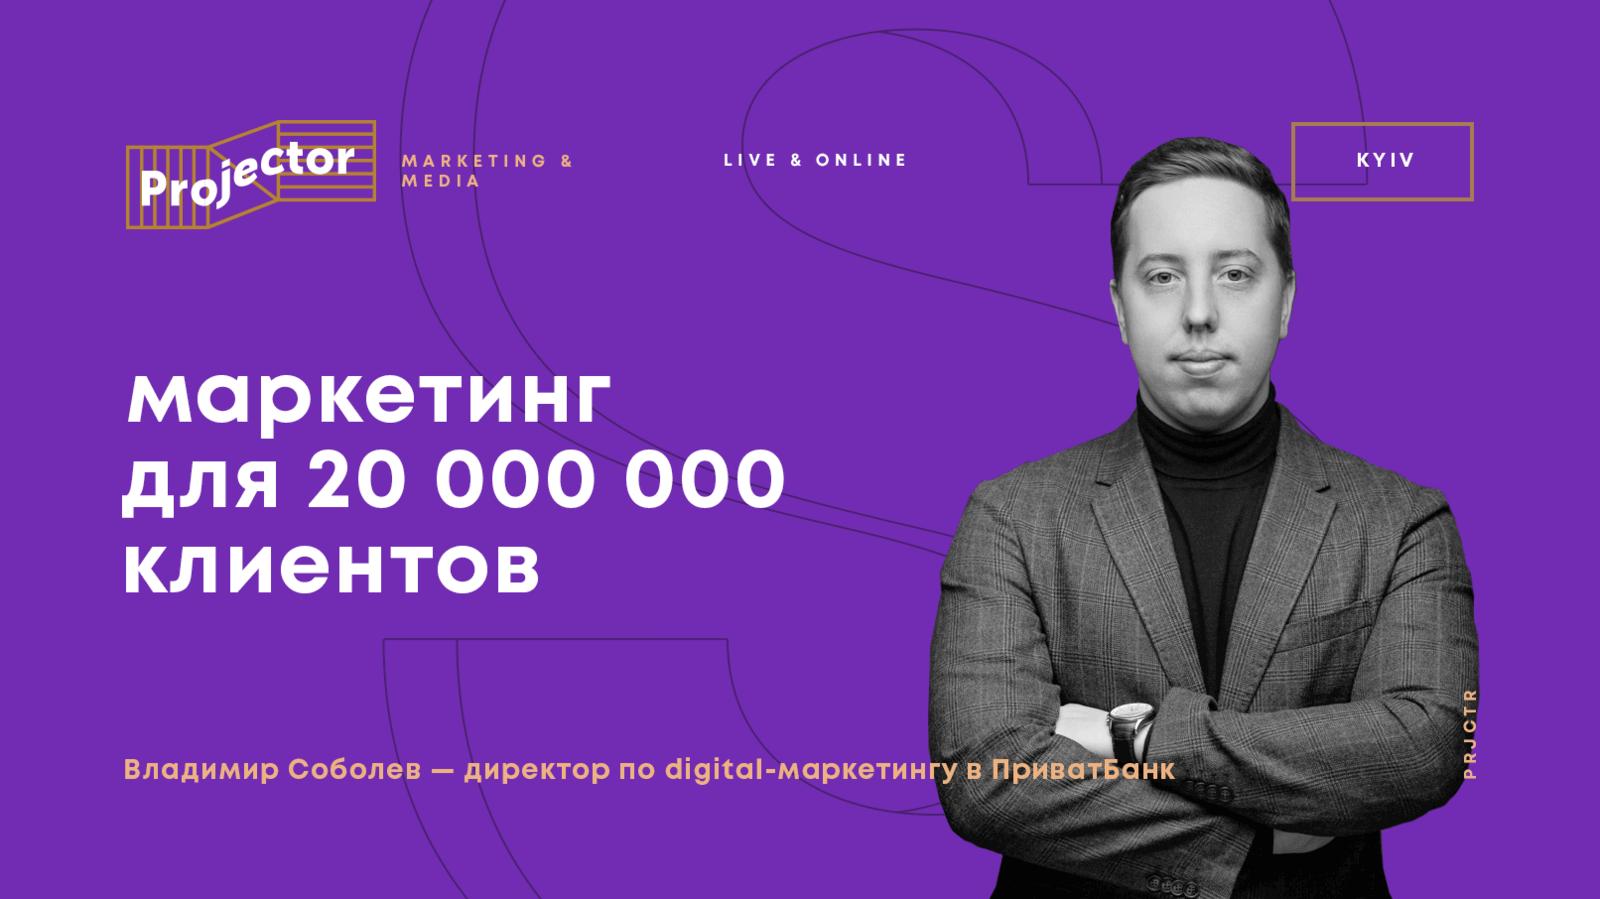 Маркетинг для 20 000 000 клиентов